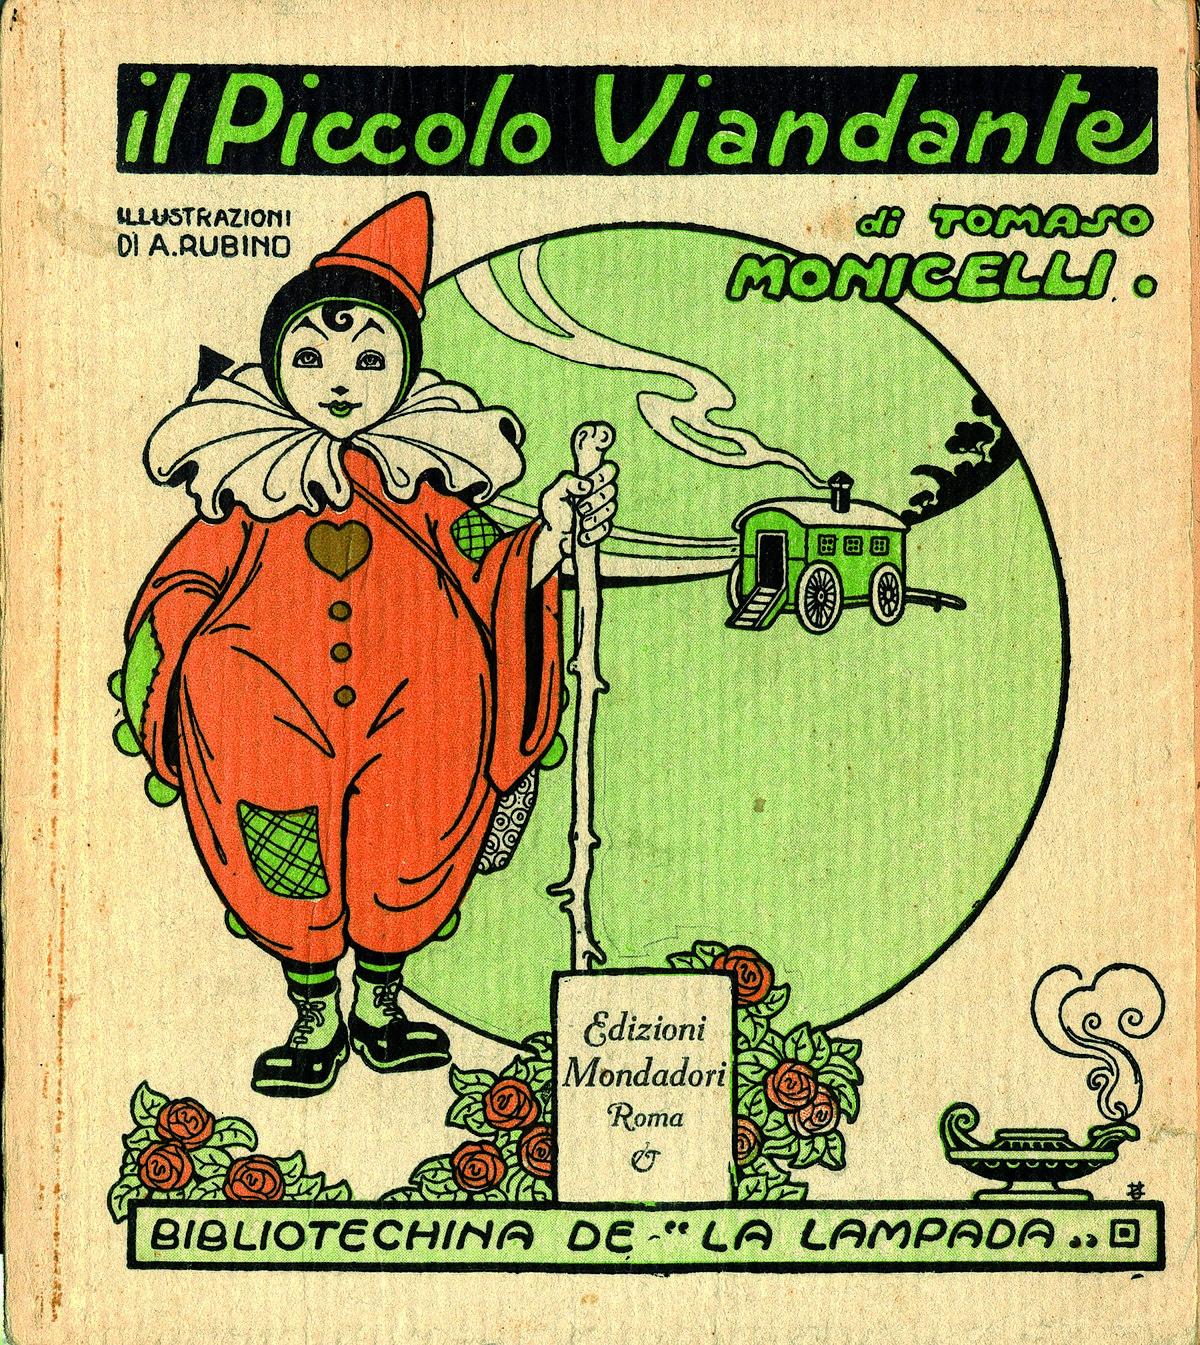 Tomaso Monicelli e Antonio Rubino: Il piccolo viandante (Mondadori, La Lampada, 1913). Copertina e illustrazioni di Rubino